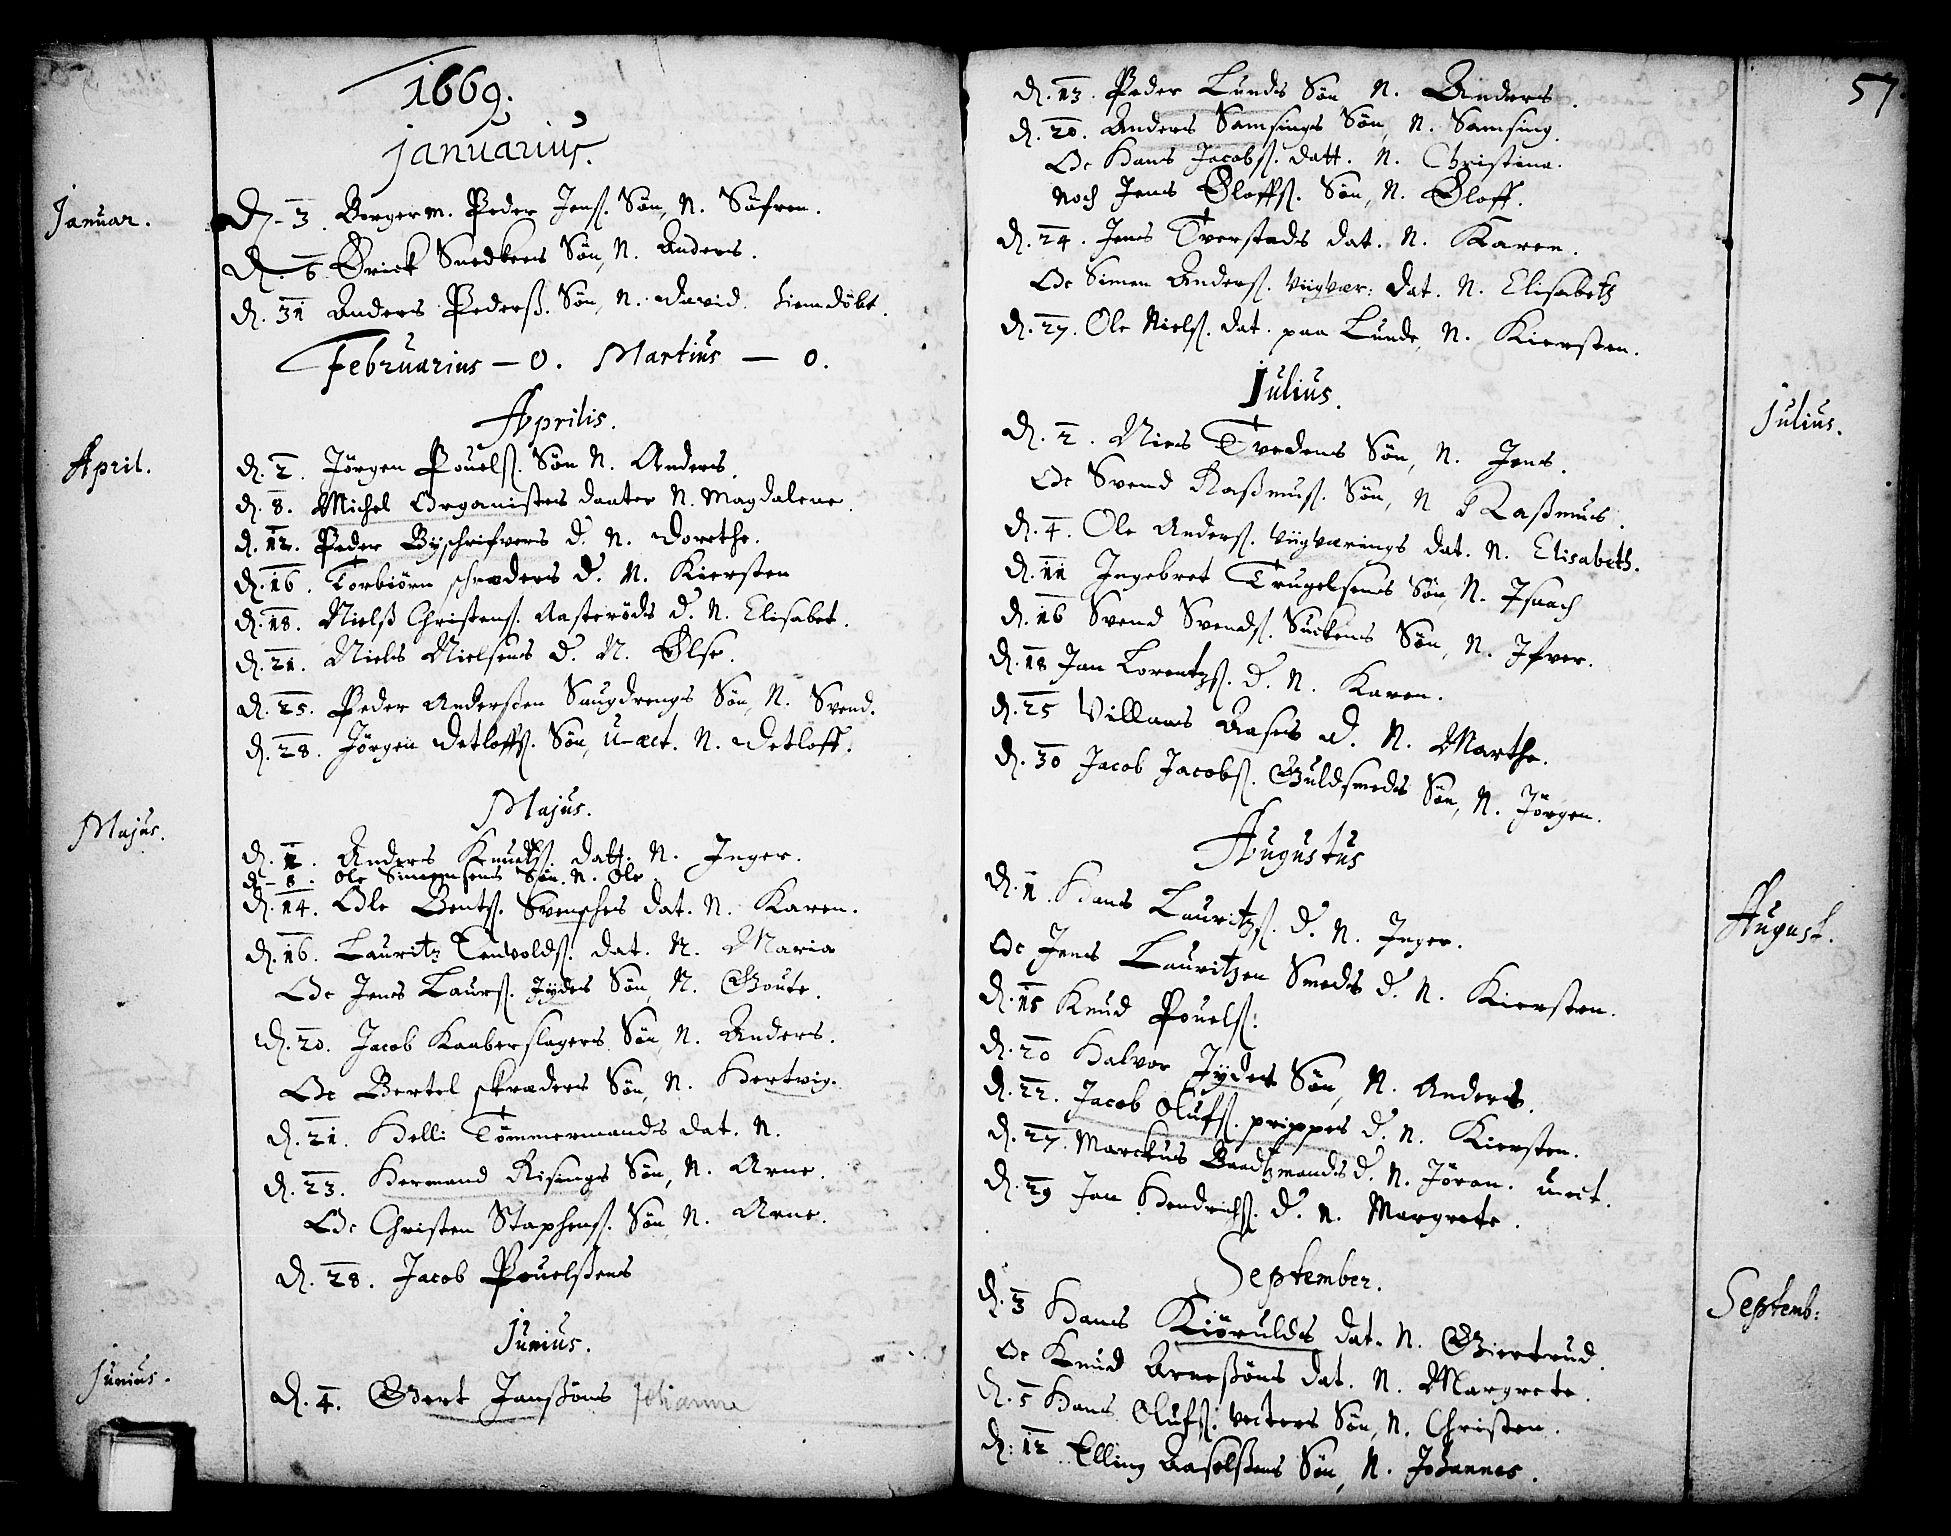 SAKO, Skien kirkebøker, F/Fa/L0001: Ministerialbok nr. 1, 1659-1679, s. 57